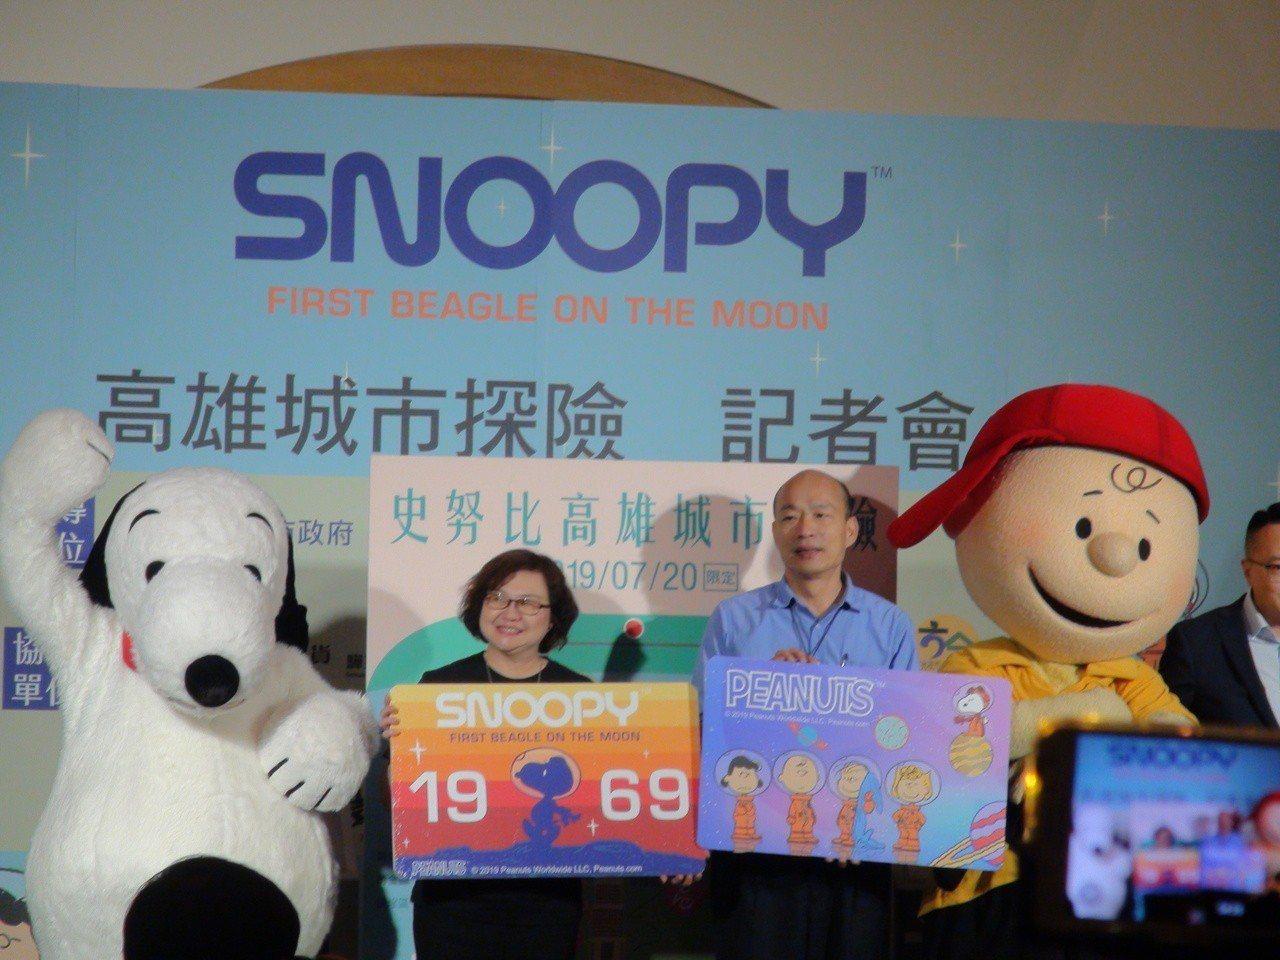 高雄市今年7、8月安排頗受大人、小孩喜愛的Snoopy擔任觀光大使。記者謝梅芬/...